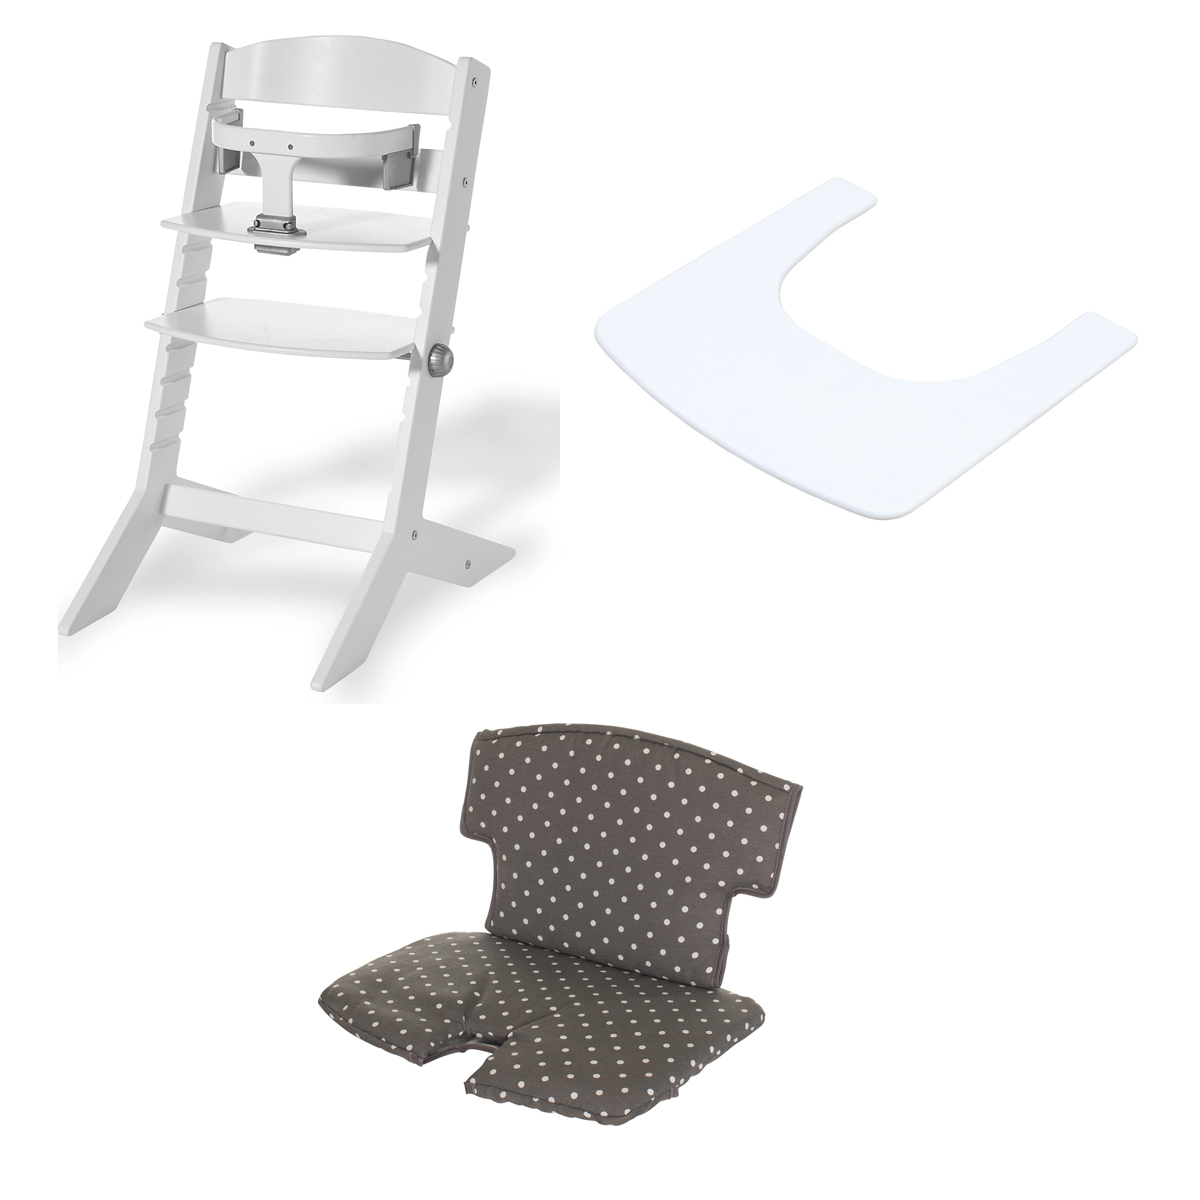 Blanc Haute Chaise Ensemble Blanc de Point Chaise SytTabletteCoussin dCBeoxr